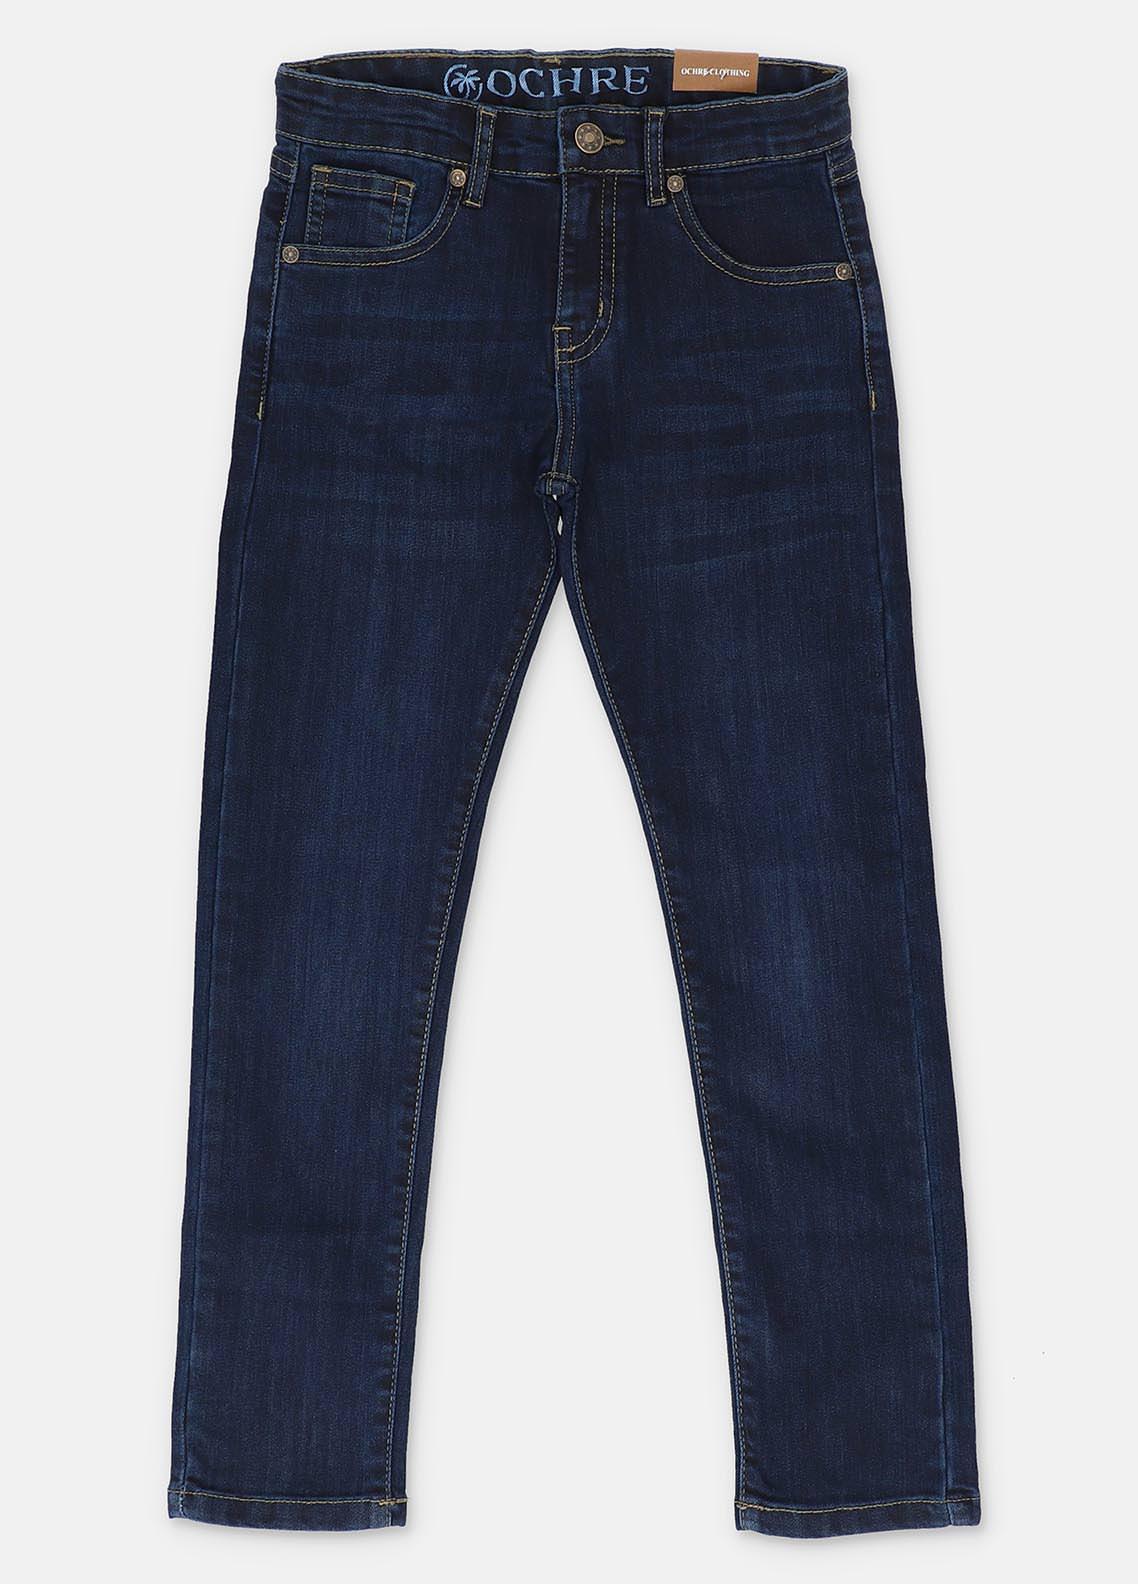 Ochre Denim  Jeans for Girls -  ODP-10 Dark Blue